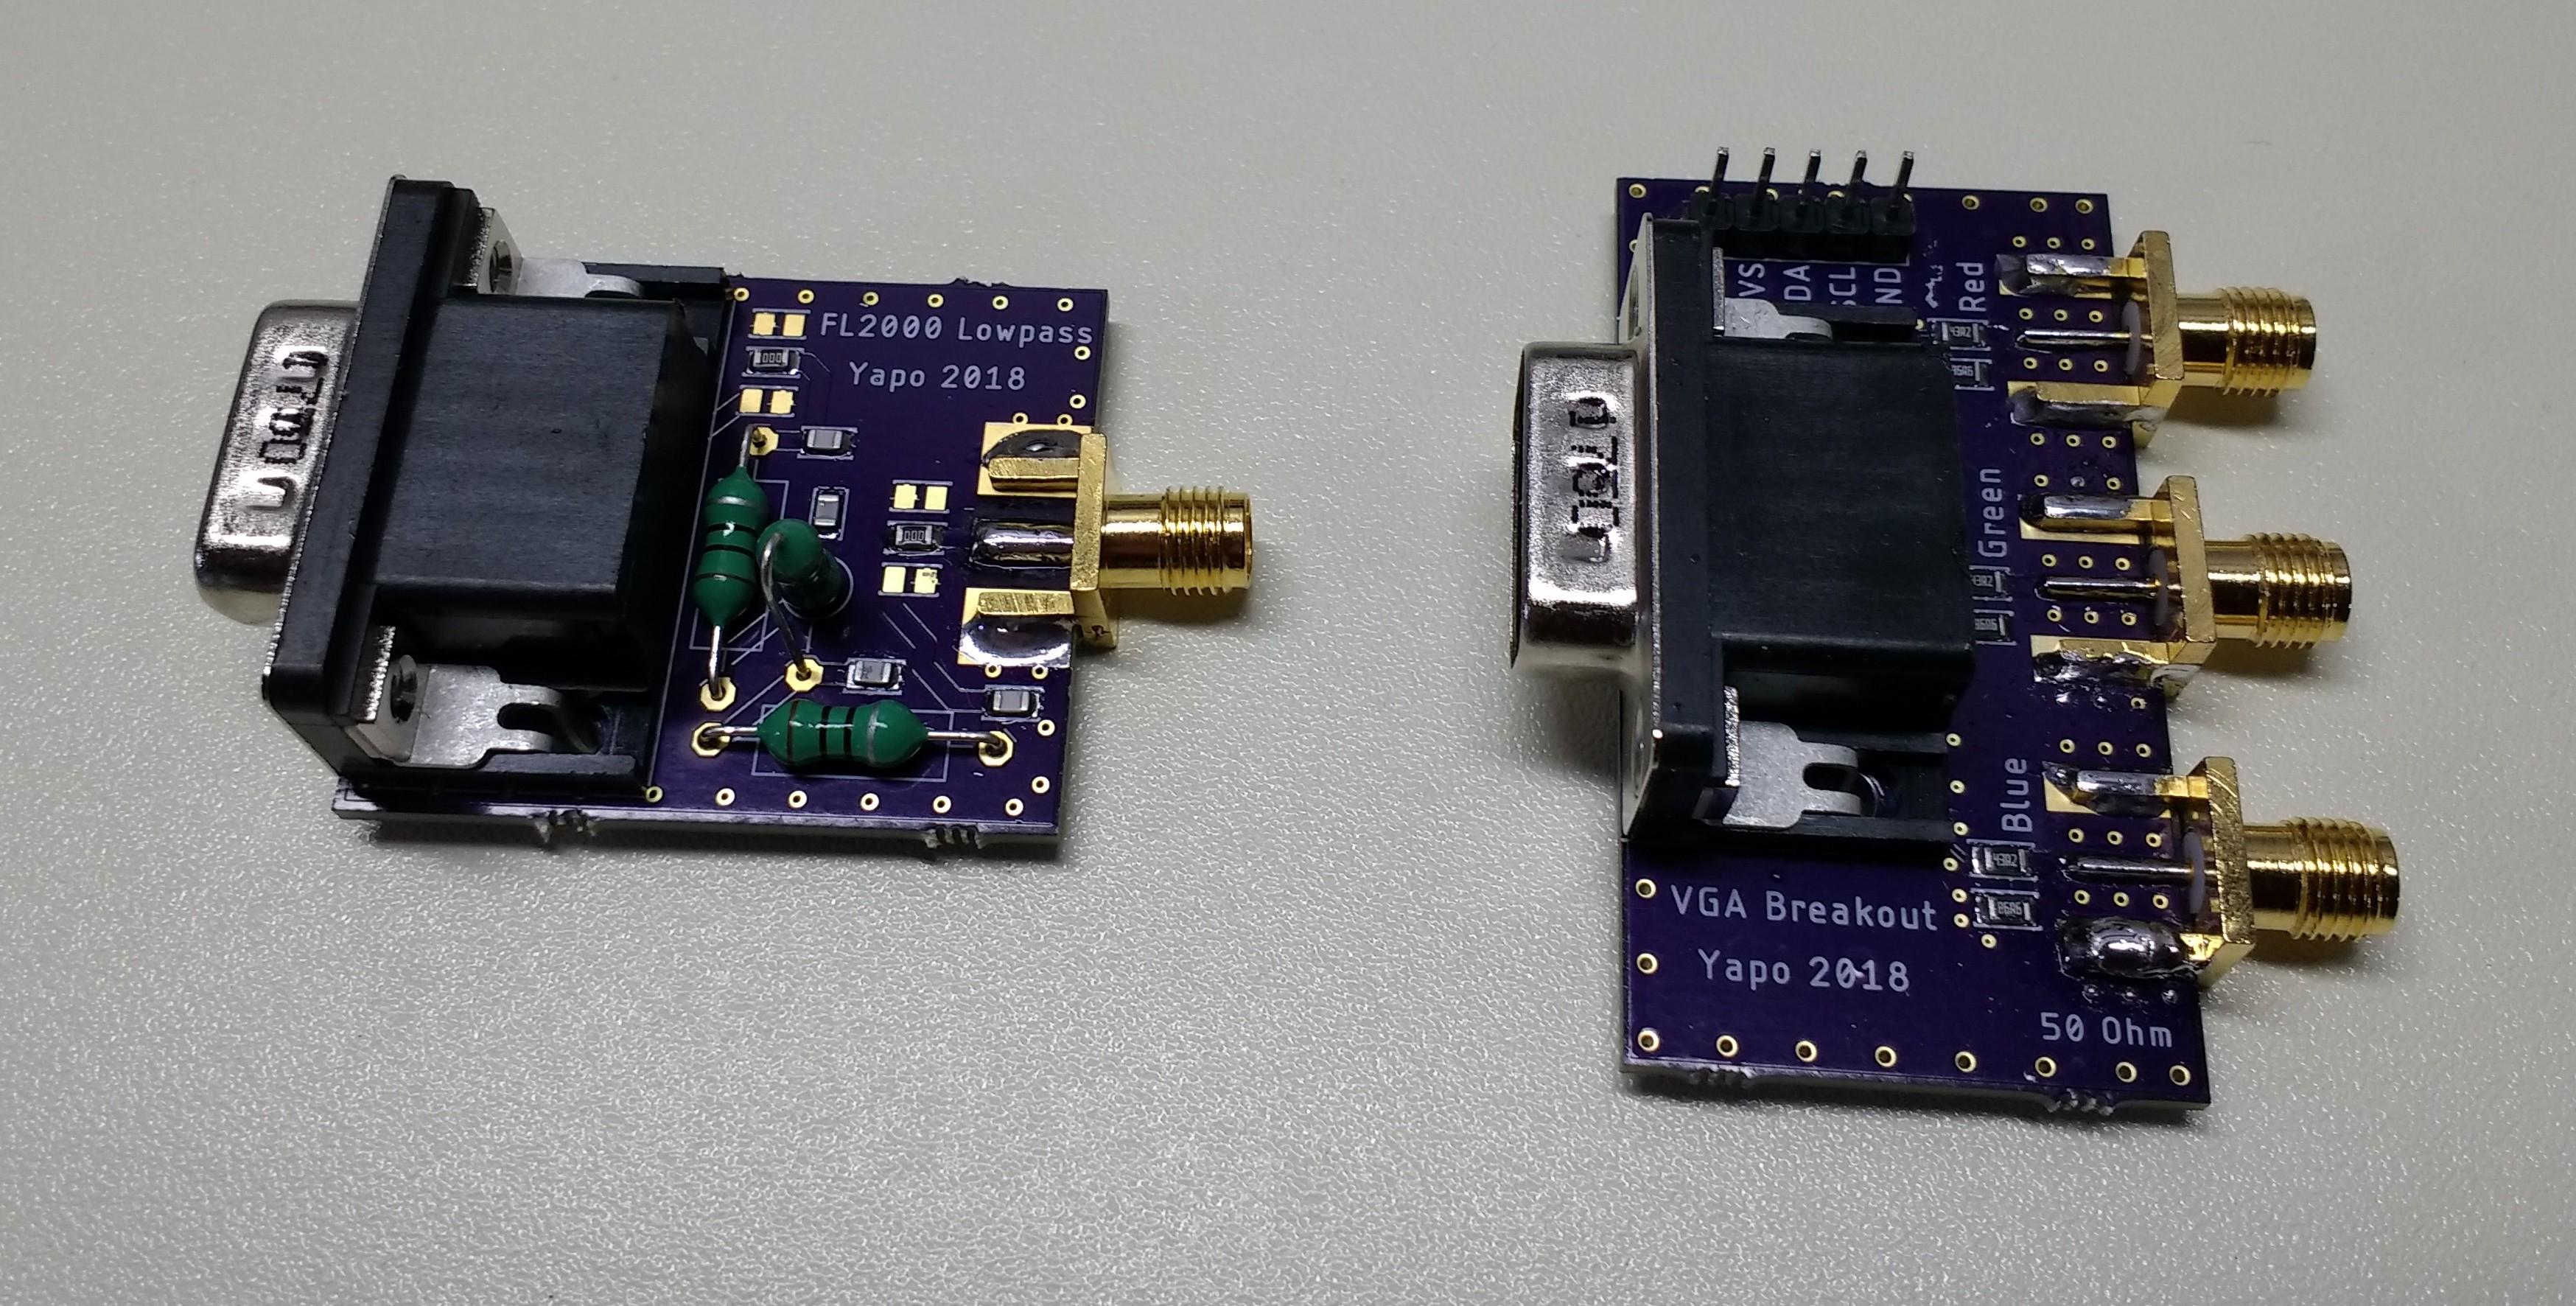 PCBs assembled